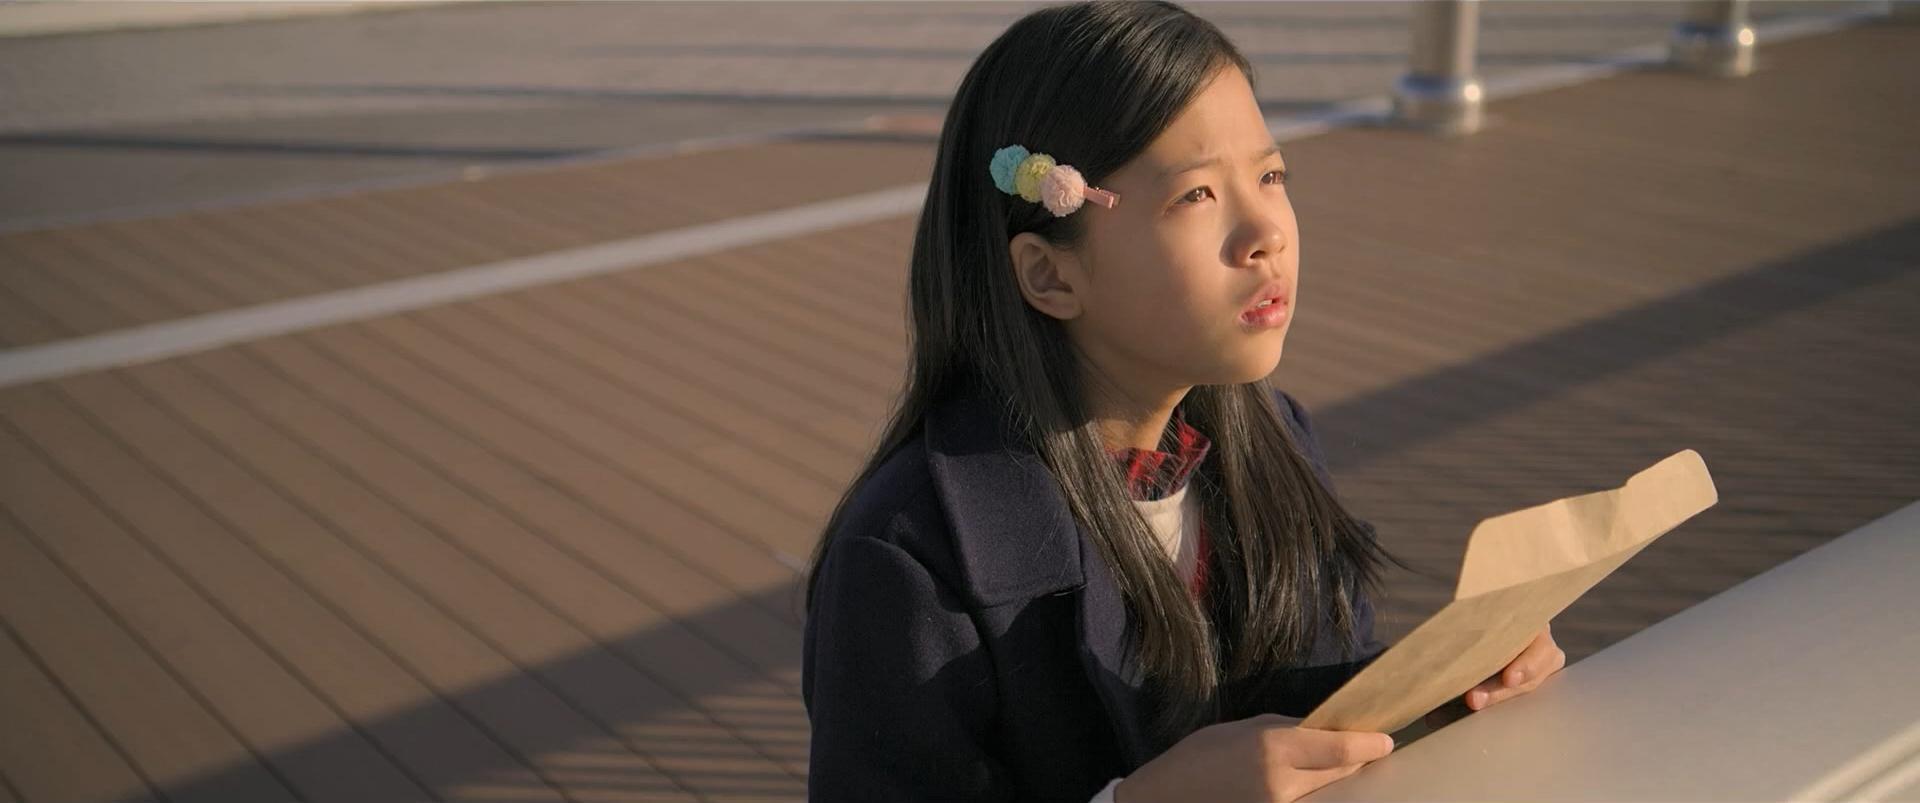 韩国电影《小委托人》不幸的人,一生都在治愈童年 (5)